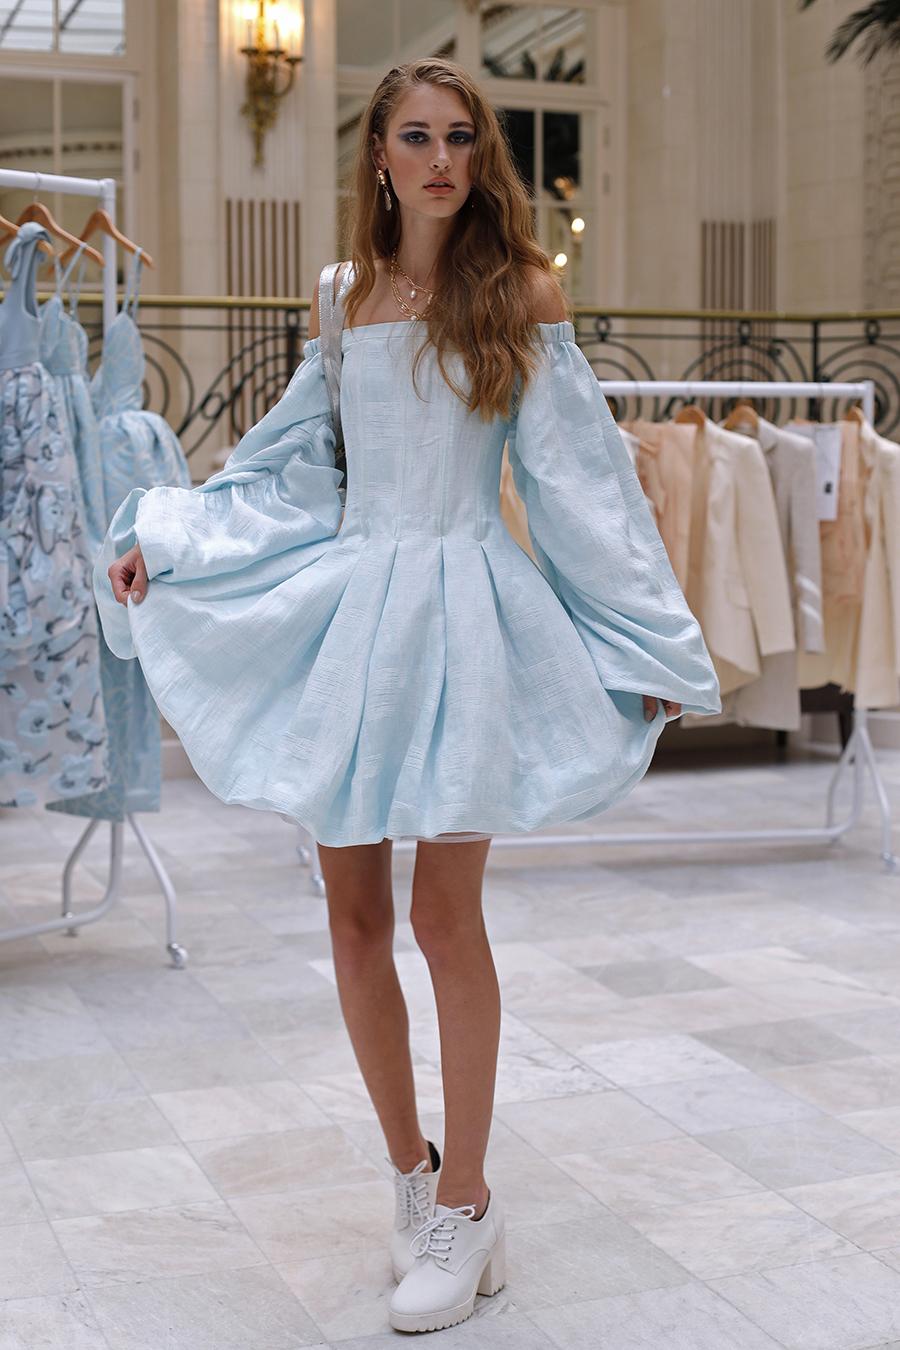 что надеть день влюбленных валентина платье кукольное беби долл короткое голубое пышная юбка